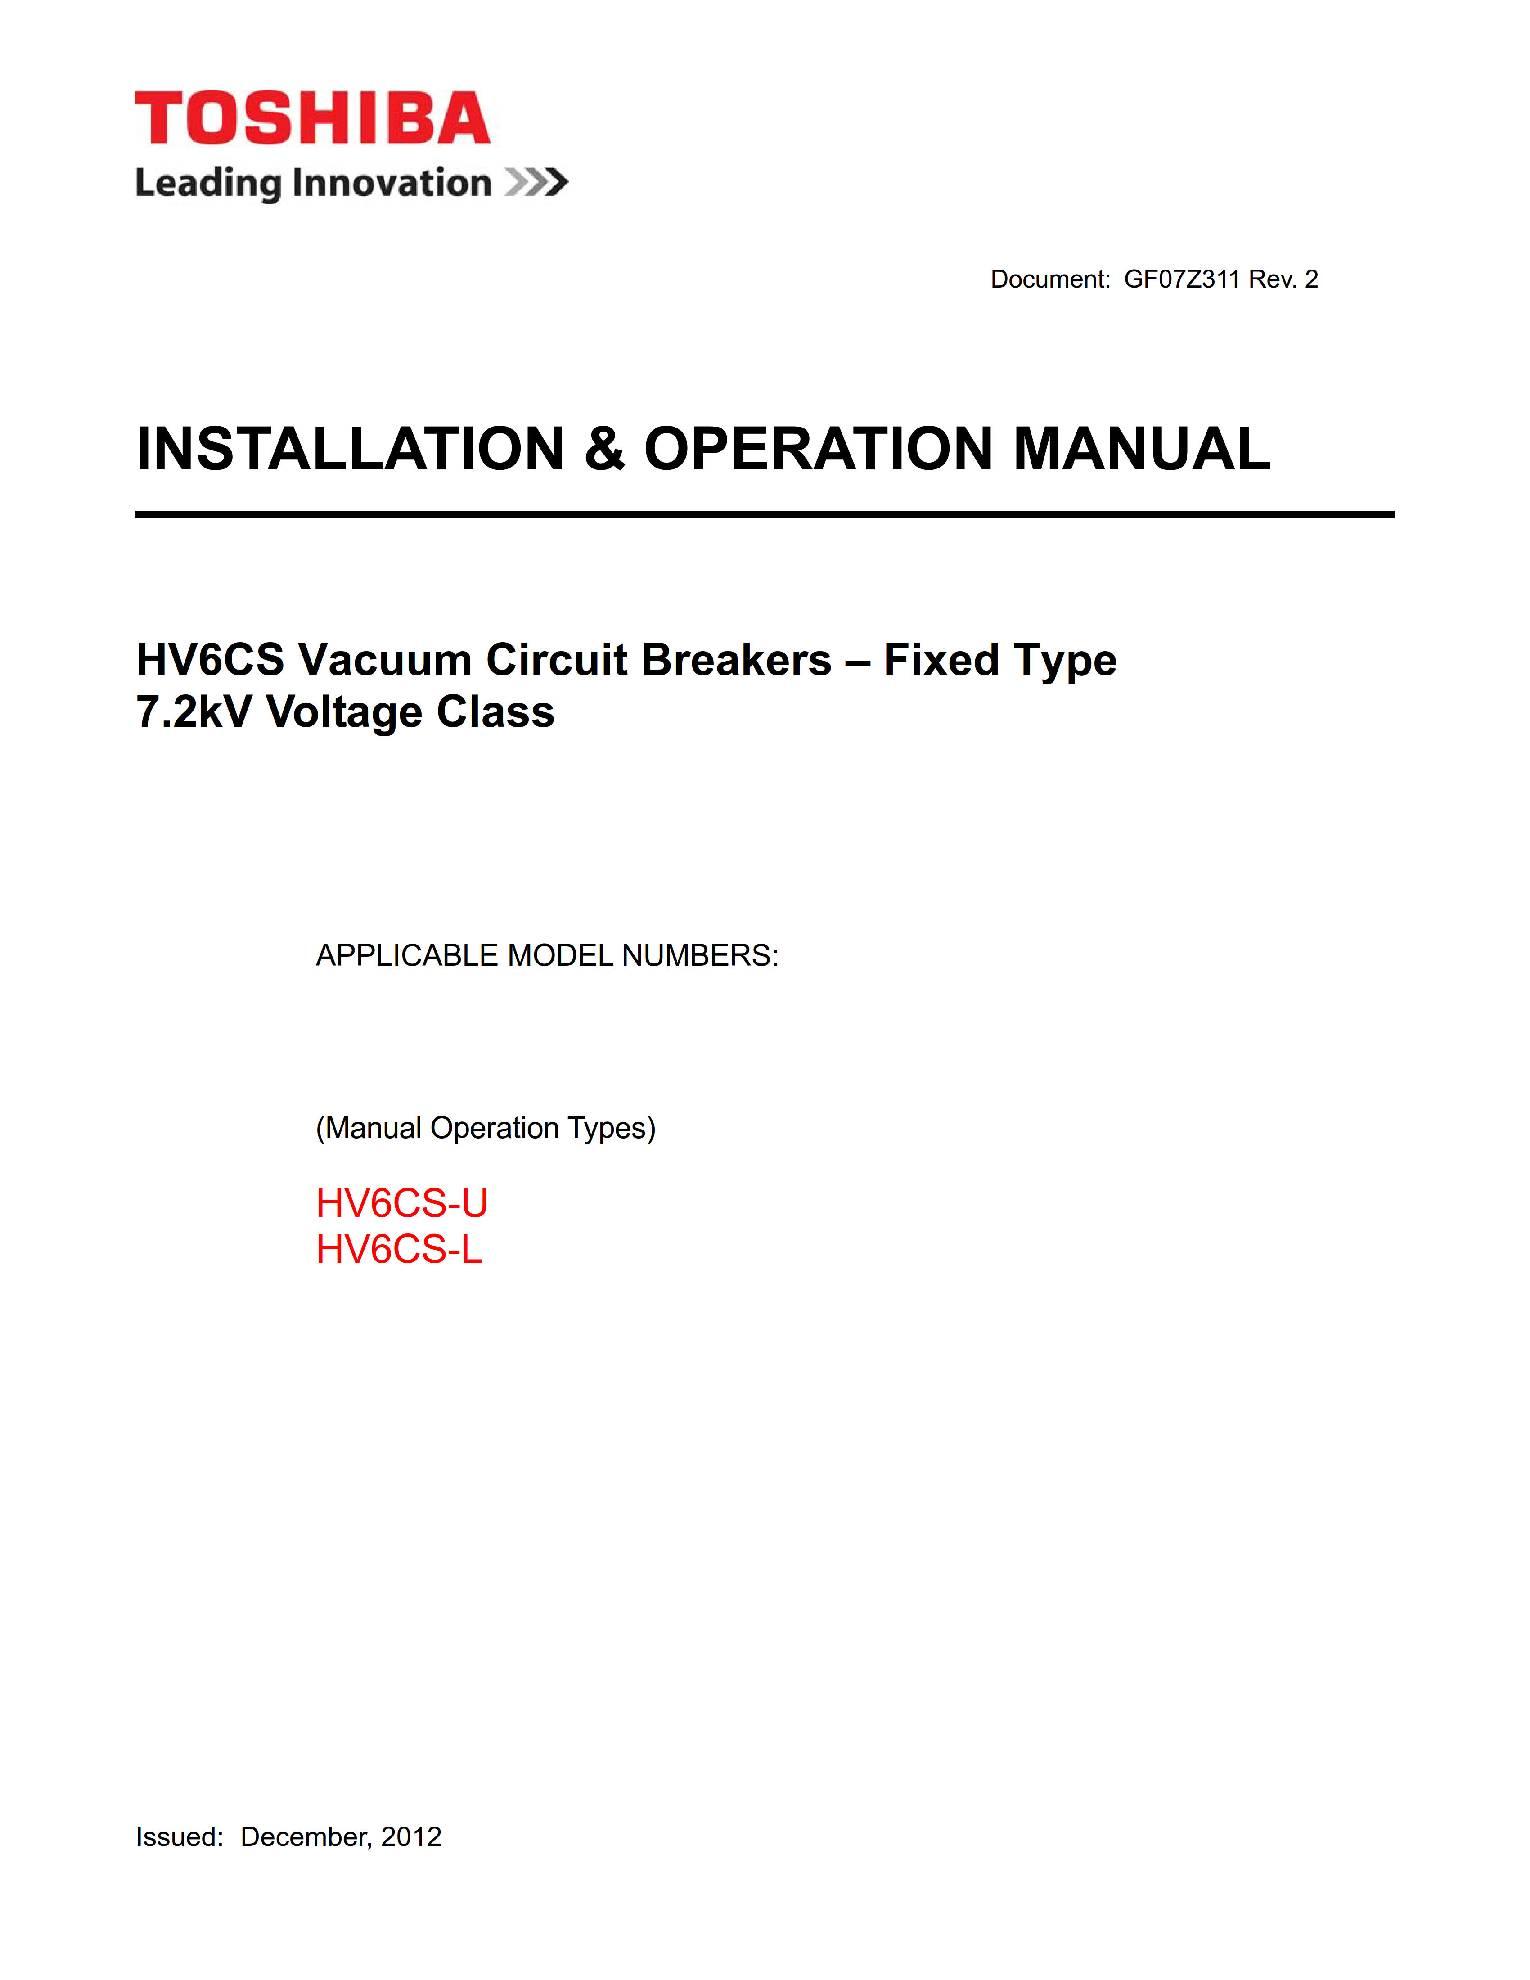 Руководство пользователя на высоковольтные вакуумные выключатели HV6CS-U_L (vacuum circuit breaker) Toshiba на английском языке GF07Z311